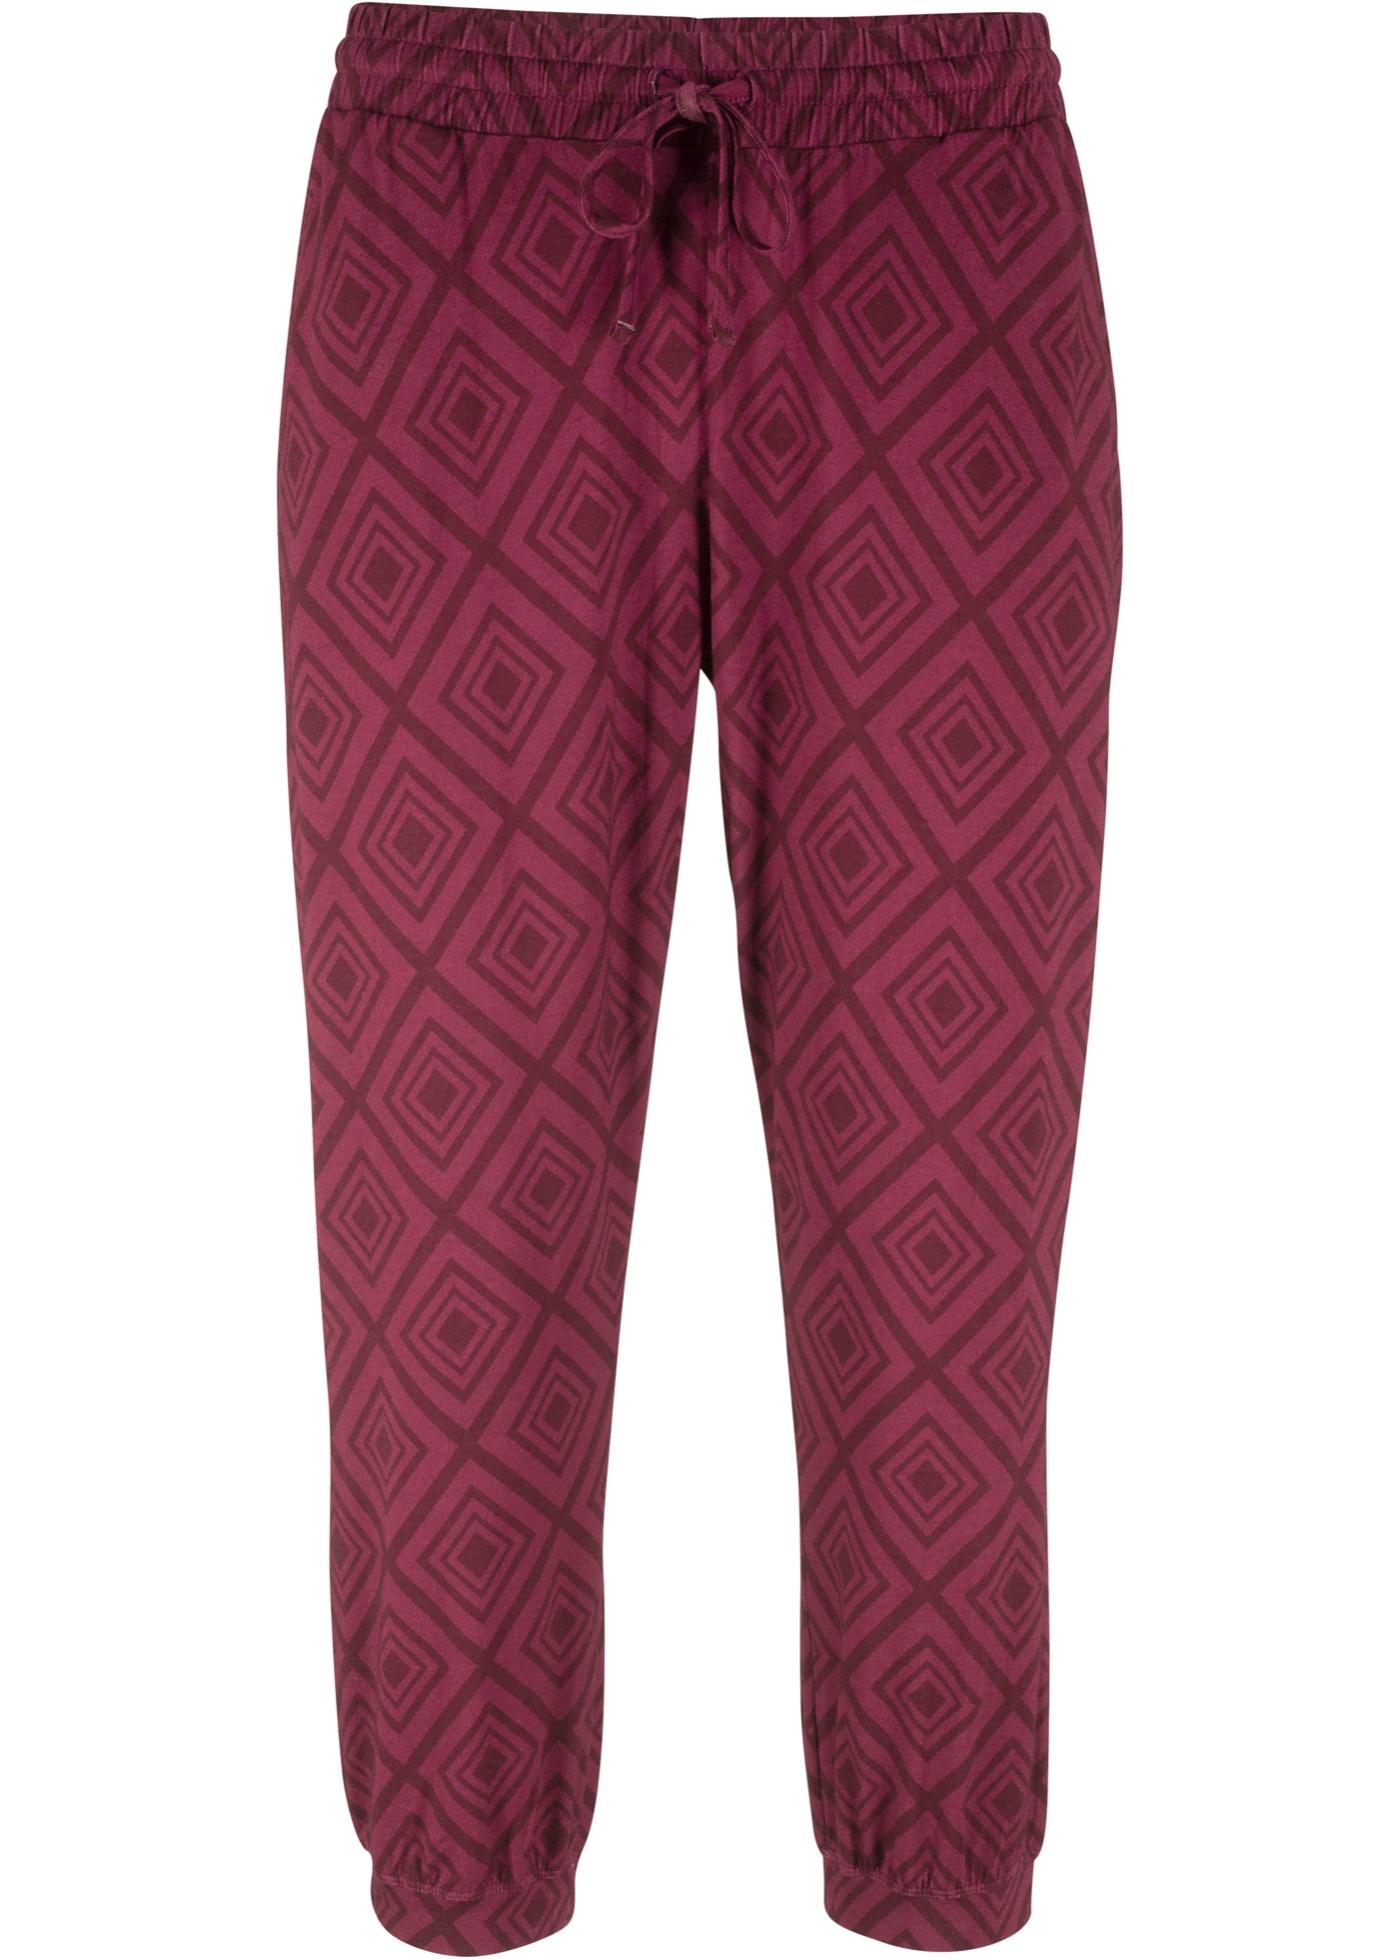 Bilde av 3/4-lang bukse, med trykk